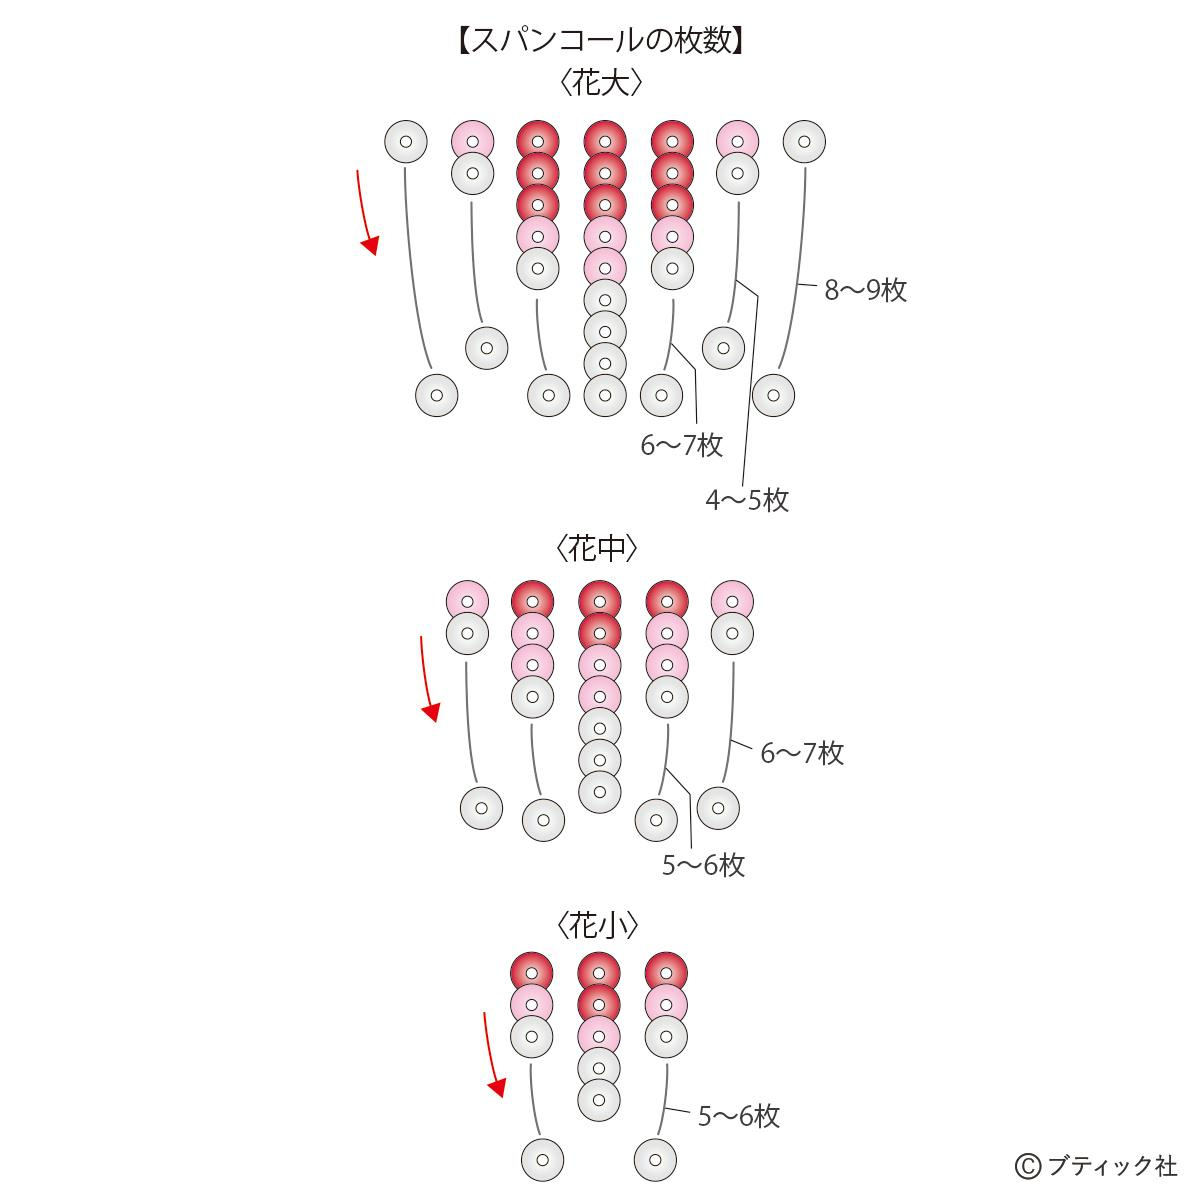 d6a42b27d53f6027402606ac8113c169